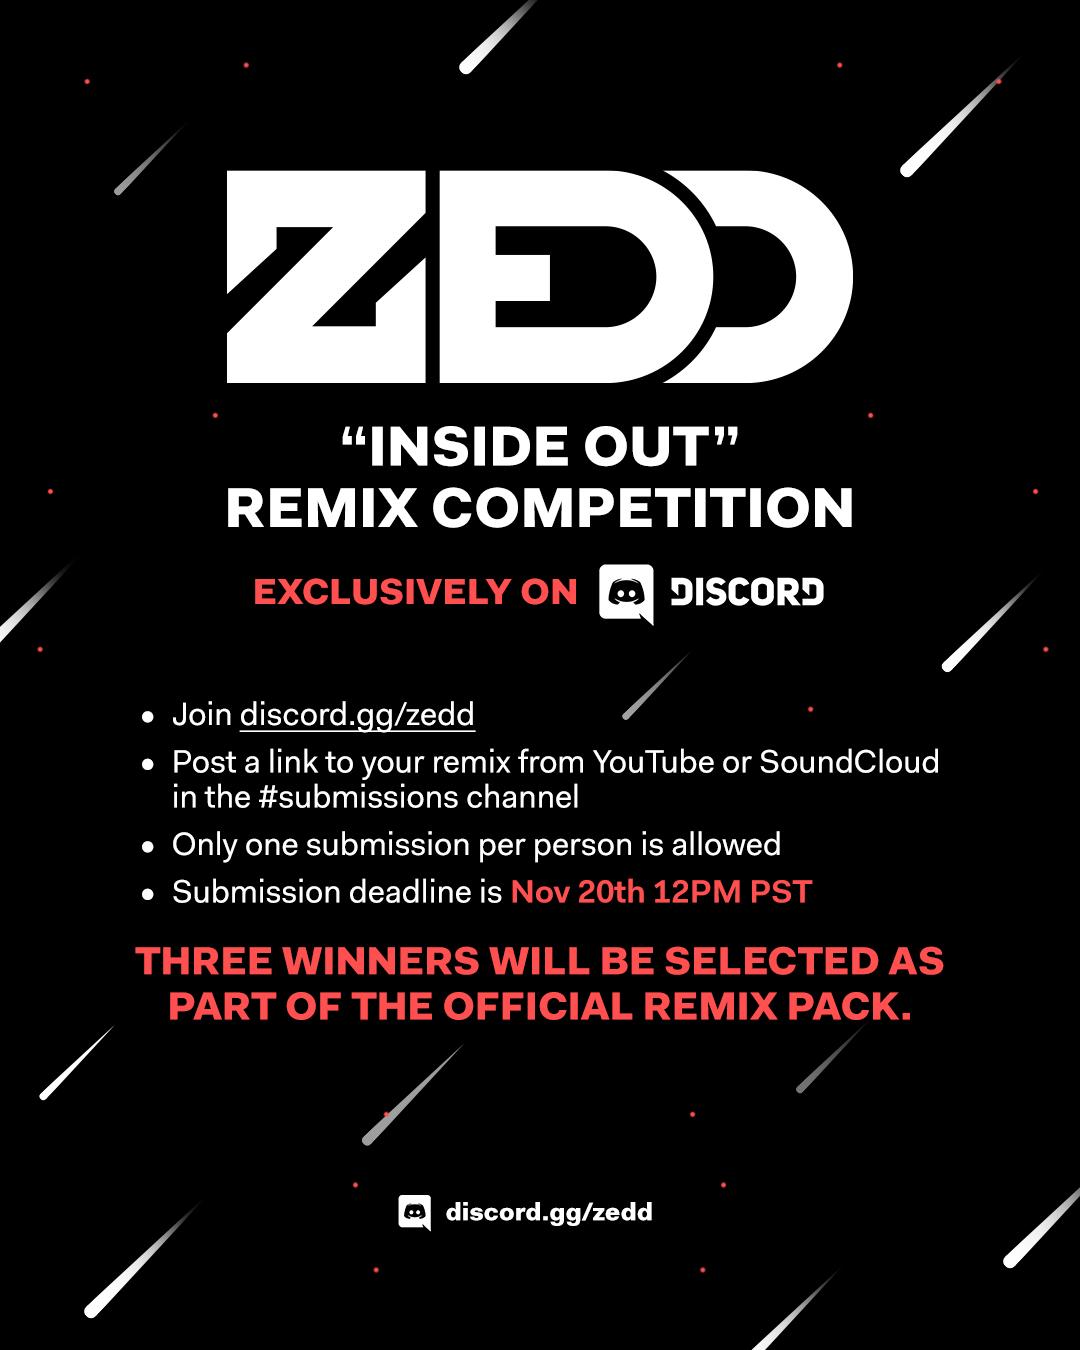 Zedd - 'Inside Out' Remix Contest